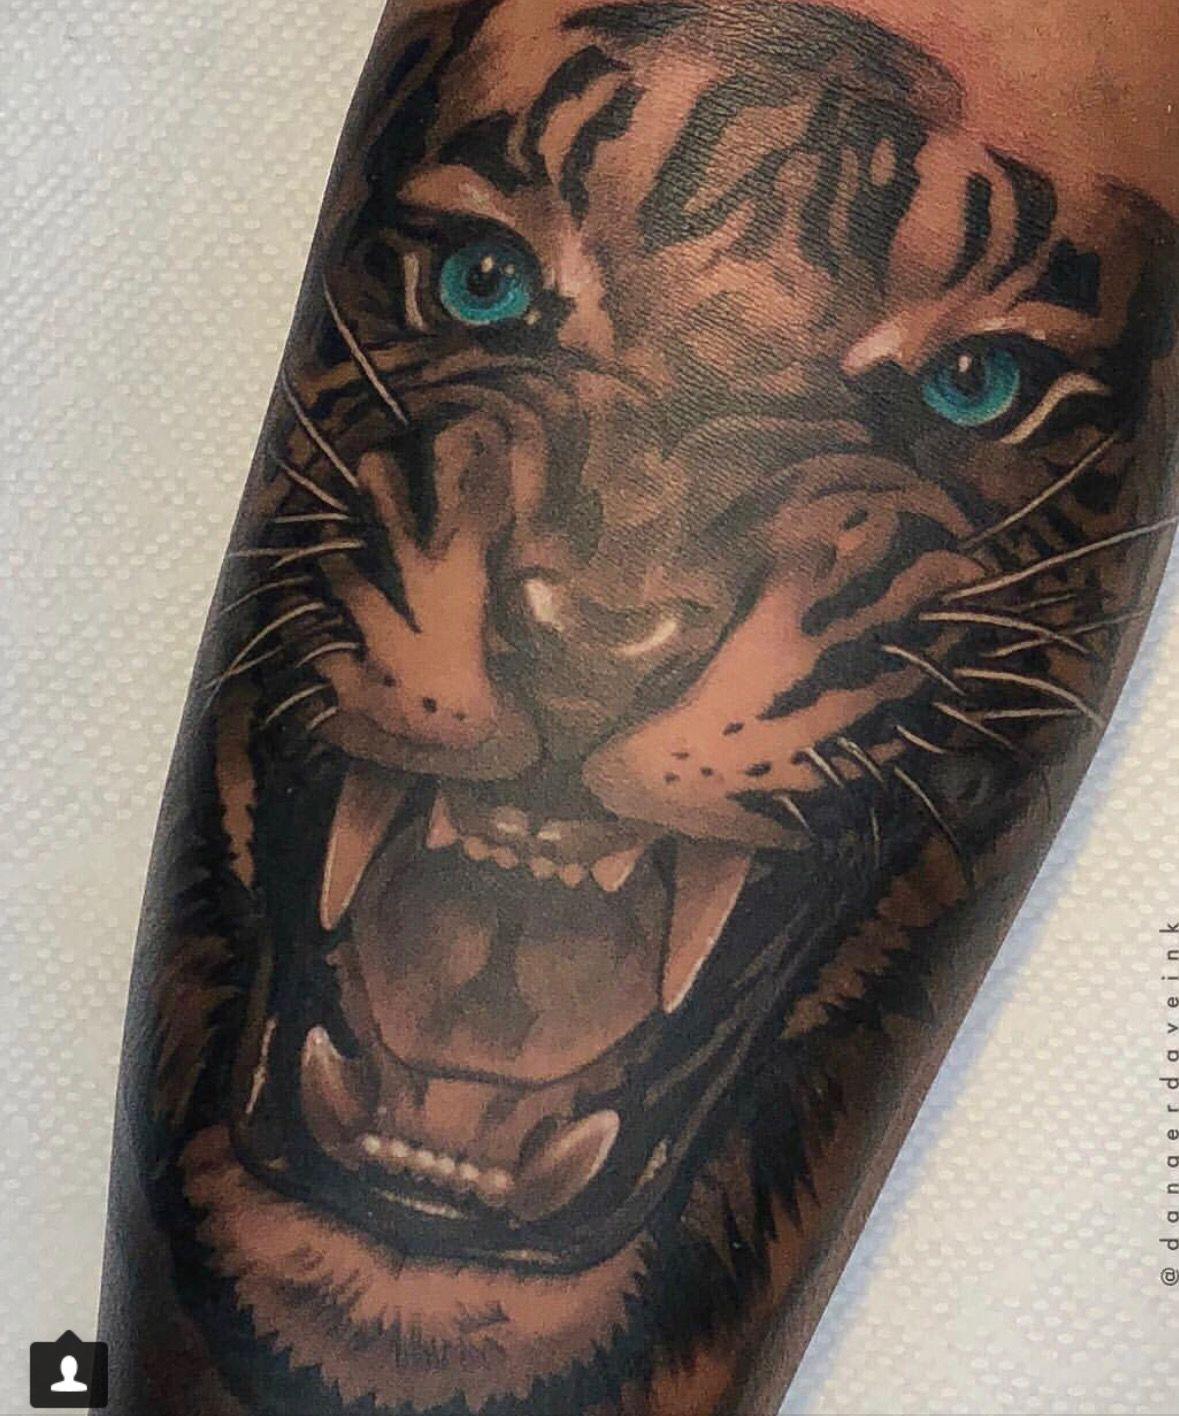 Pin By Diorbabe On I N K C A S H Dark Skin Tattoo Body Art Tattoos Tiger Tattoo